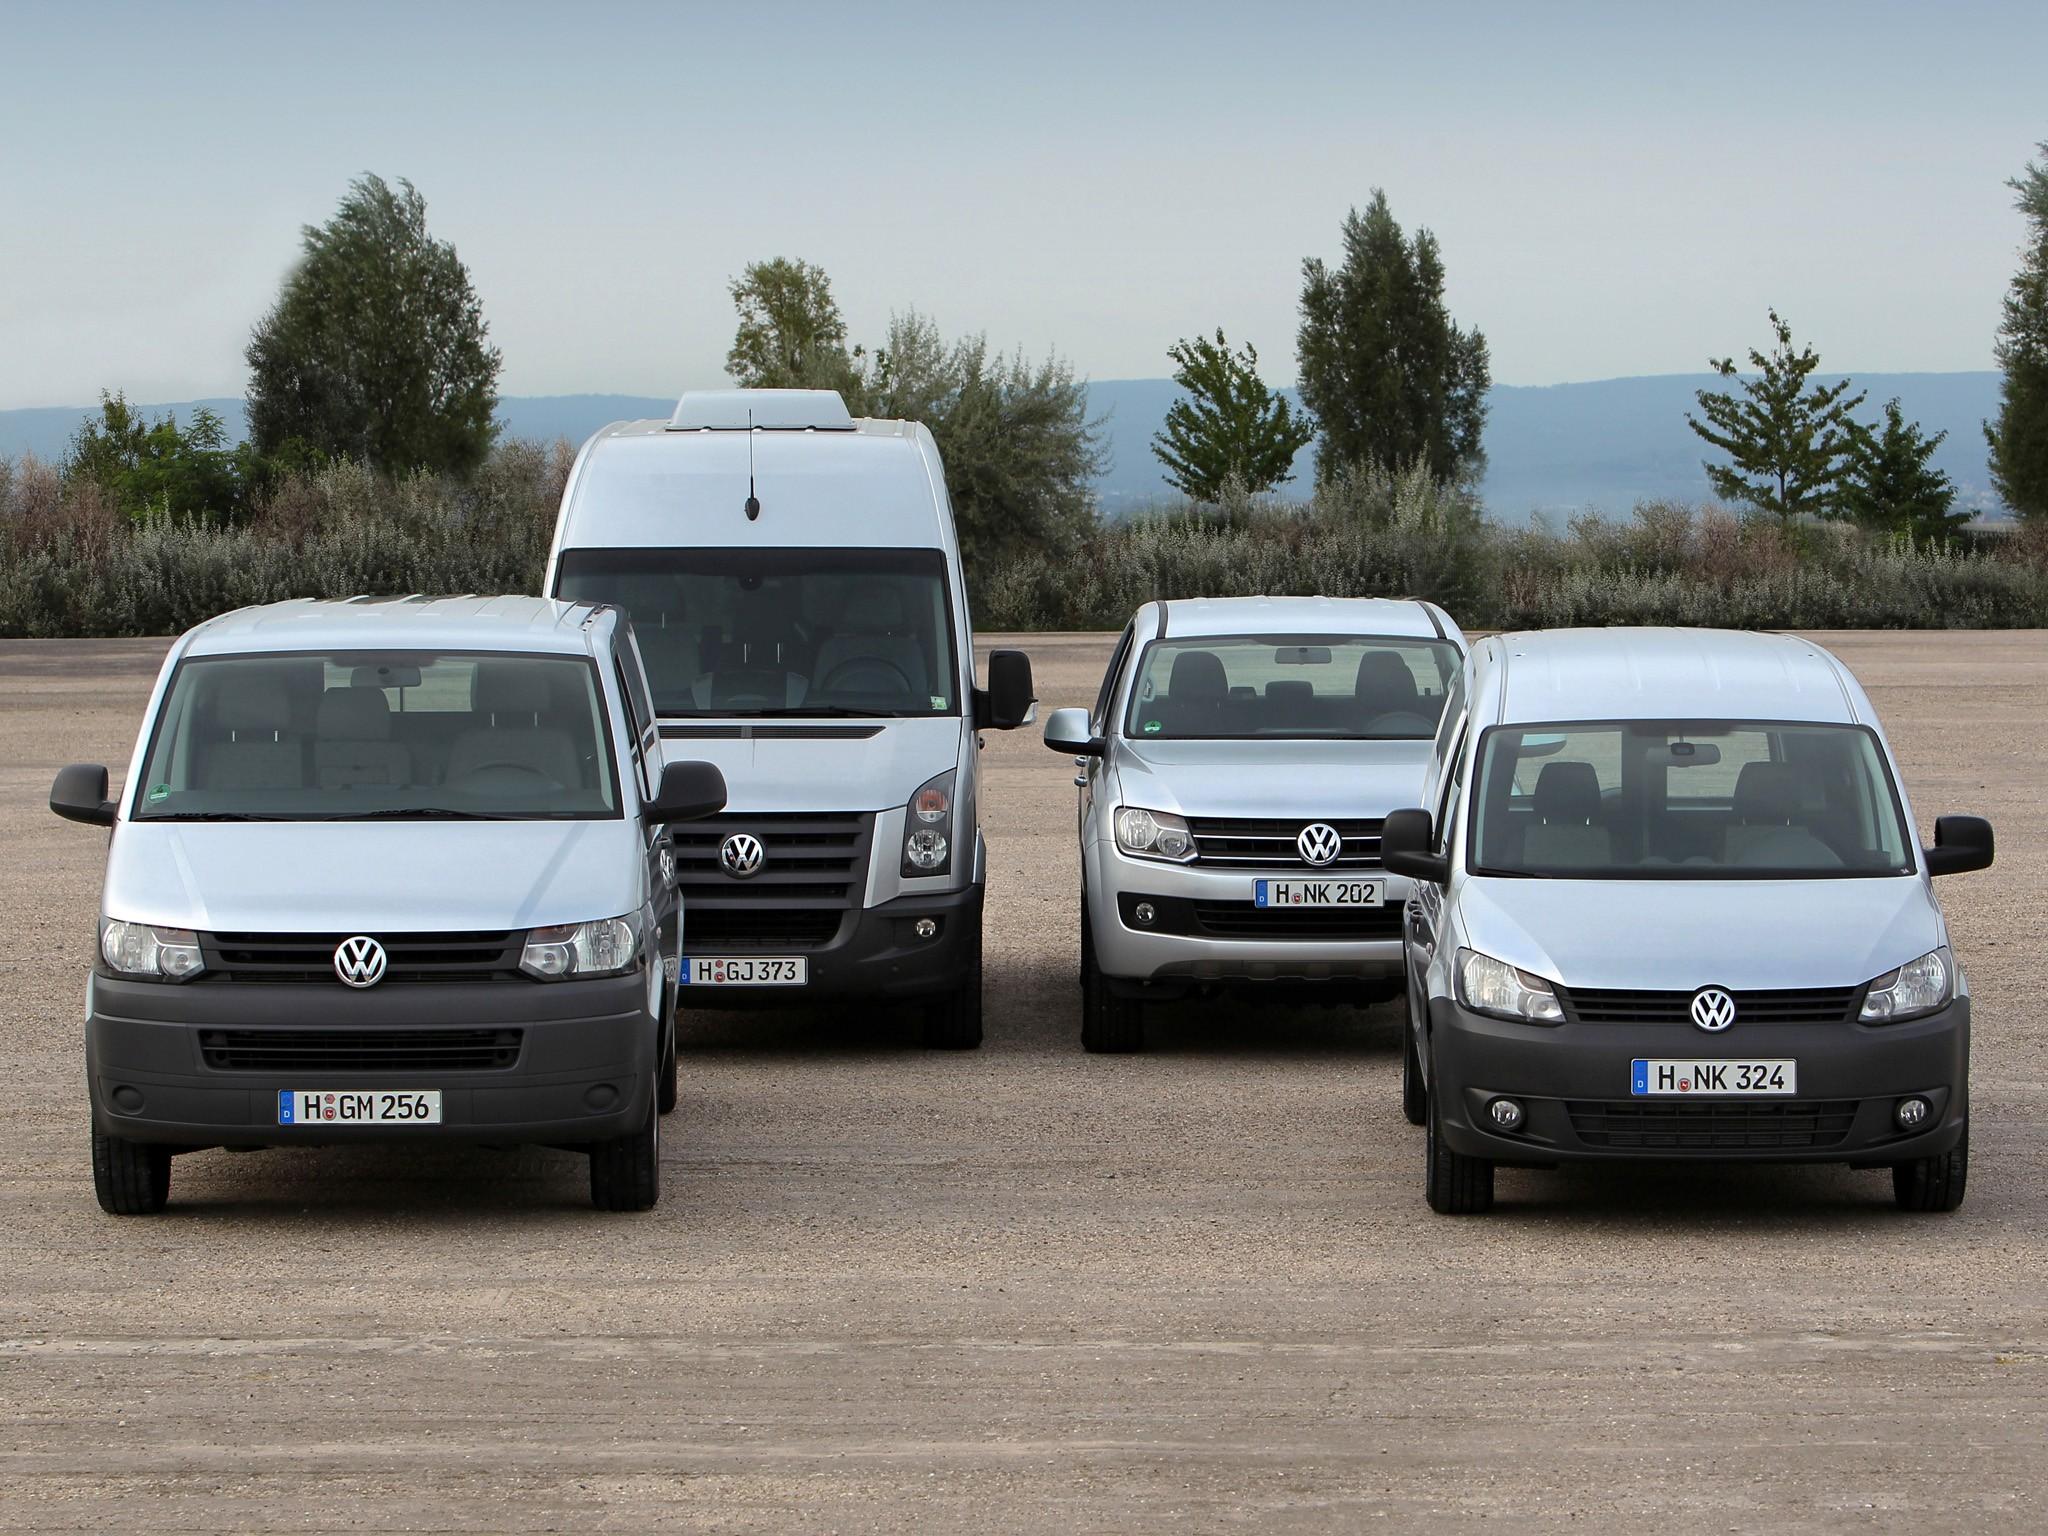 За октябрь продажи машин в сегменте LCV на рынке Европы выросли на 6,6